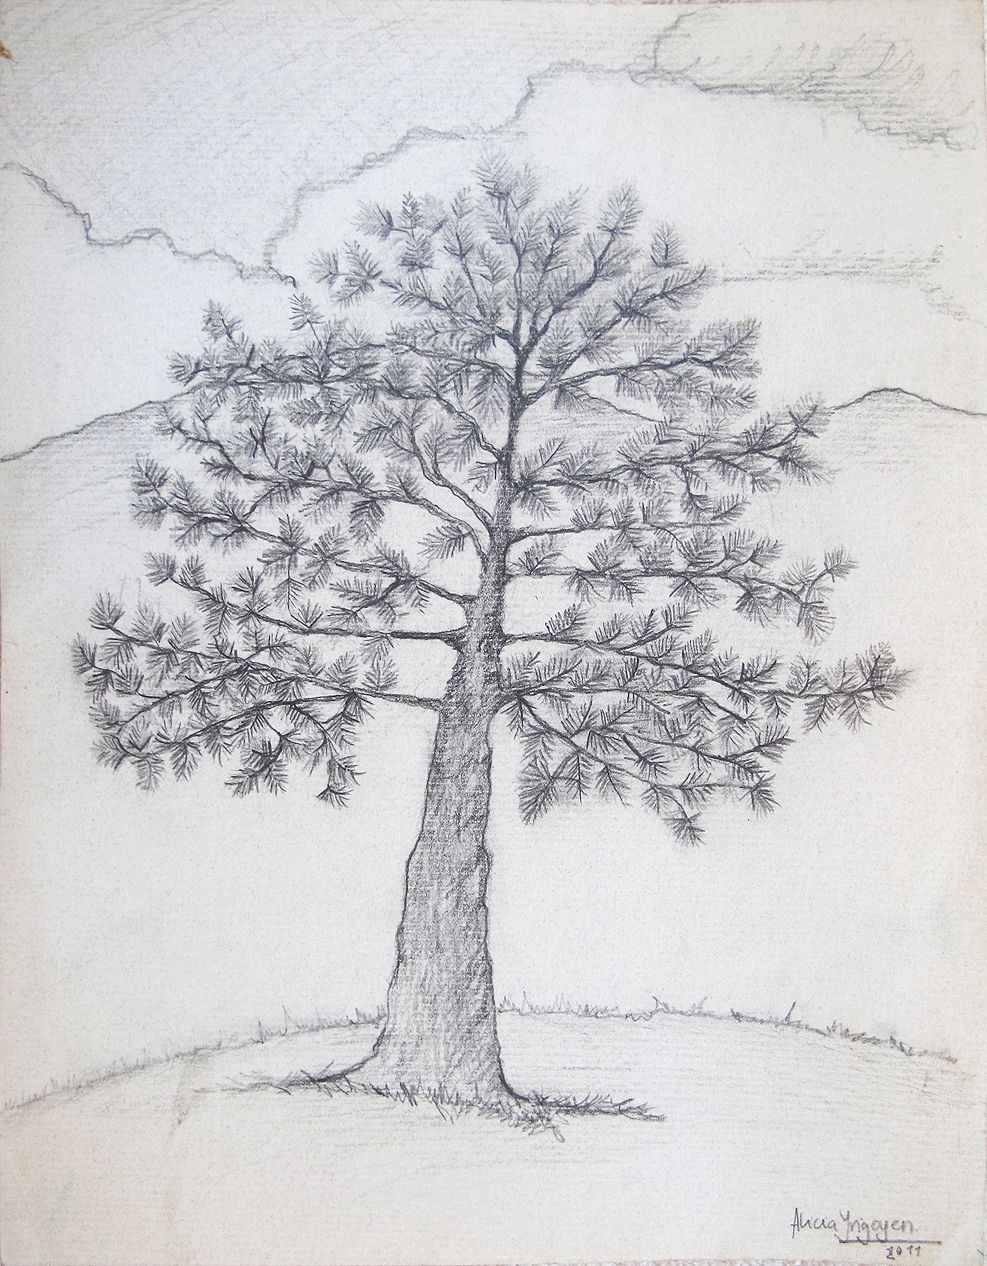 Pino Lapiz Sobre Cartulina Kimberly Tamano Carta Dibujos A Tinta Dibujos Drawing